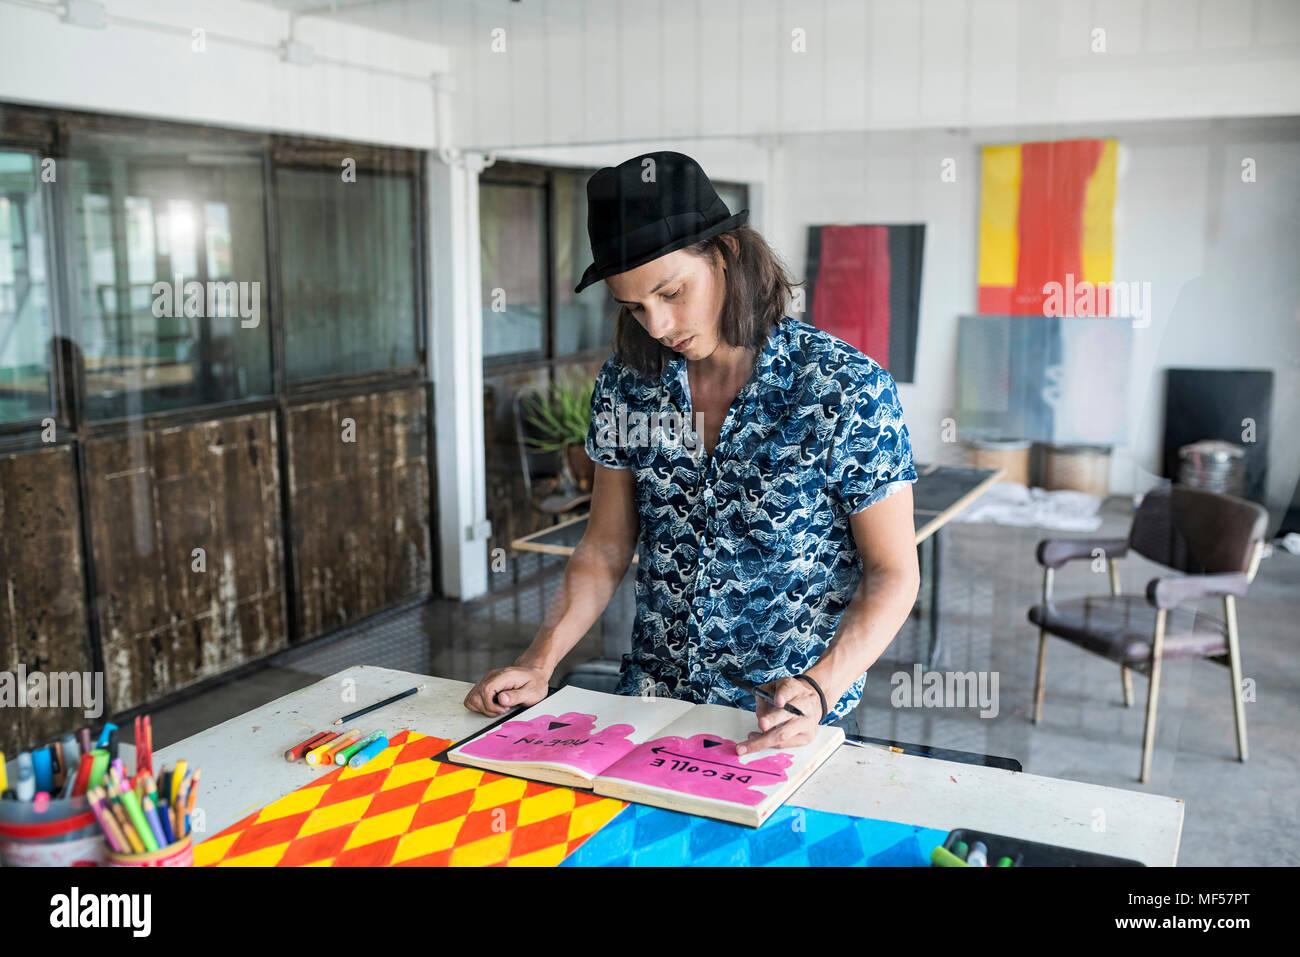 En el trabajo del artista, en un bloc de dibujo en su desván con pinturas y obras de arte en el fondo Imagen De Stock